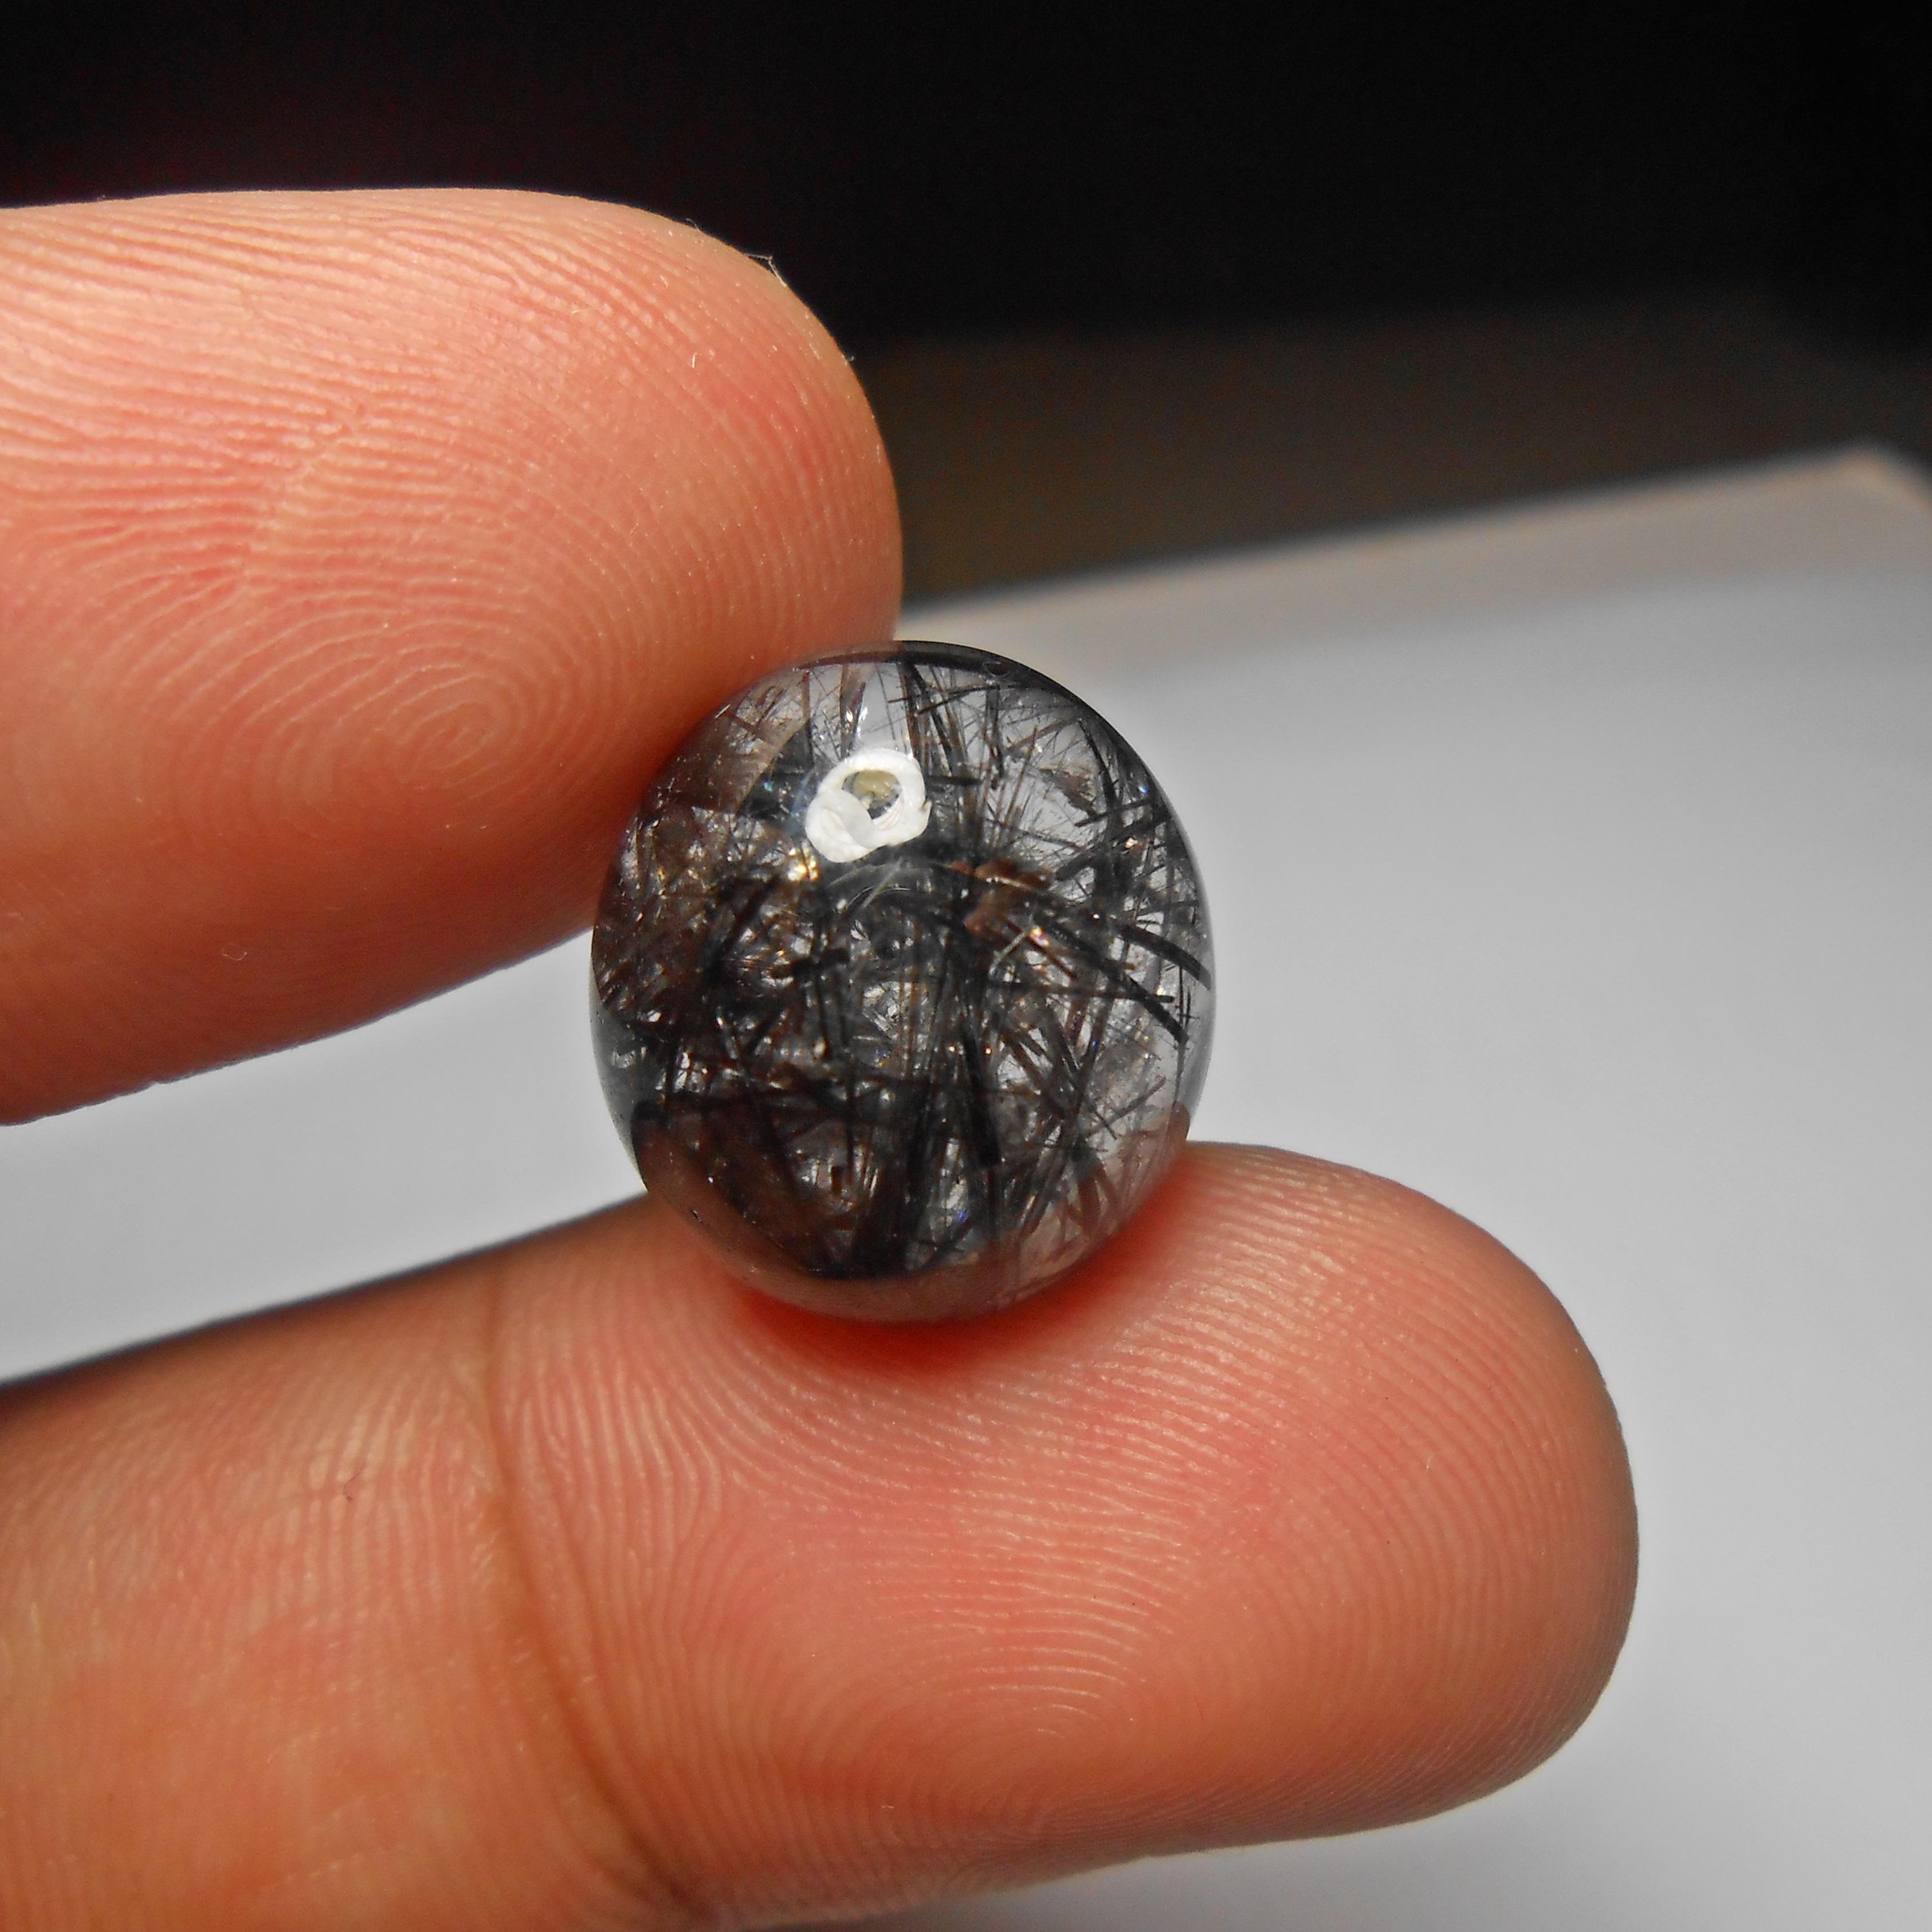 แก้วขนเหล็ก เส้นคมแกร่ง น้ำใส สวยงาม ขนาด 1.6x 1.3 cm ทำหัวแหวนงามๆ